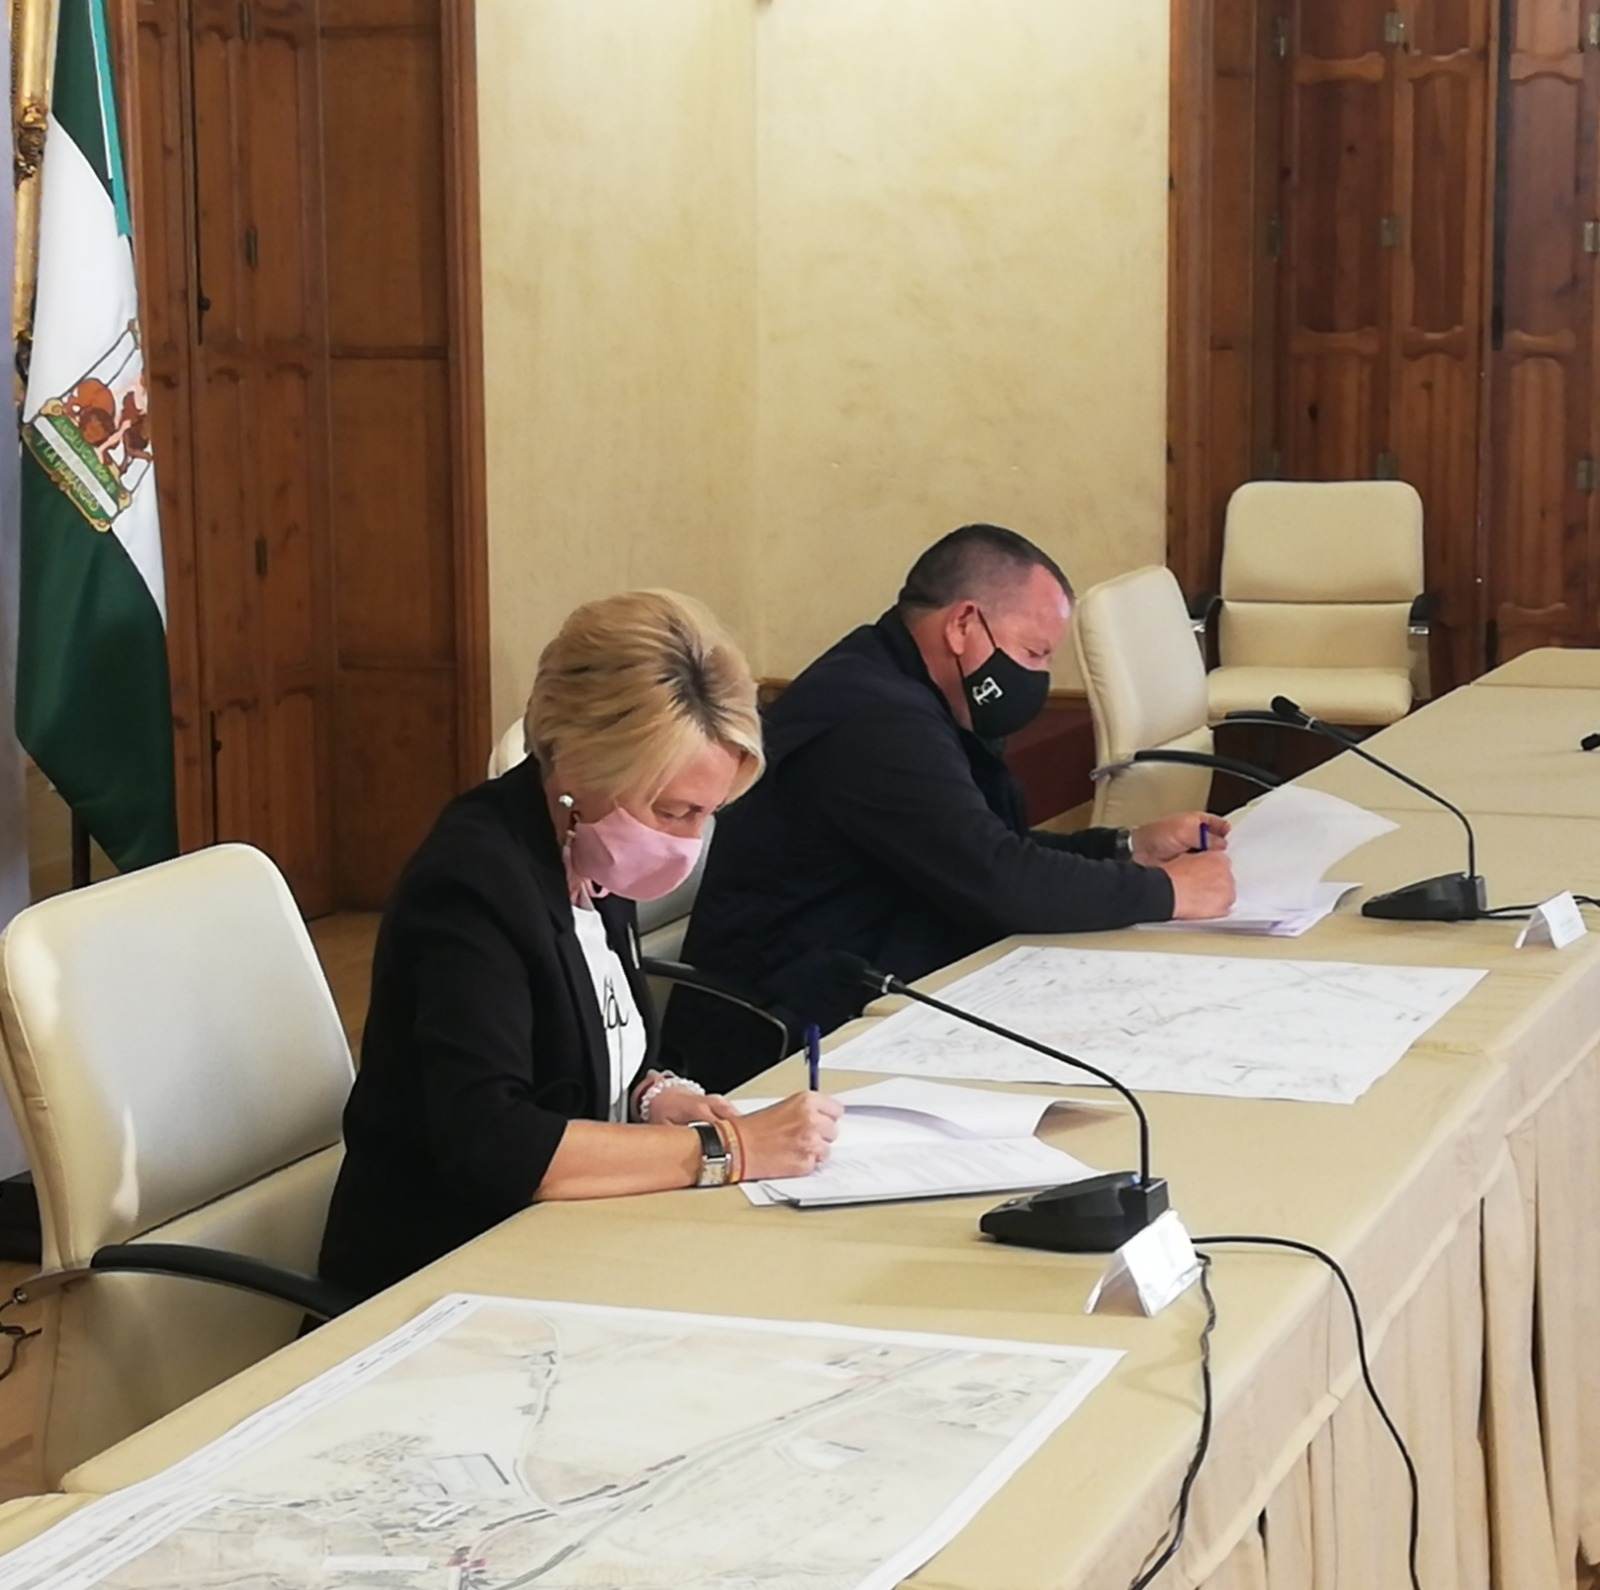 La Junta cede al Ayuntamiento de Alcóntar un tramo de la antigua carretera C-323